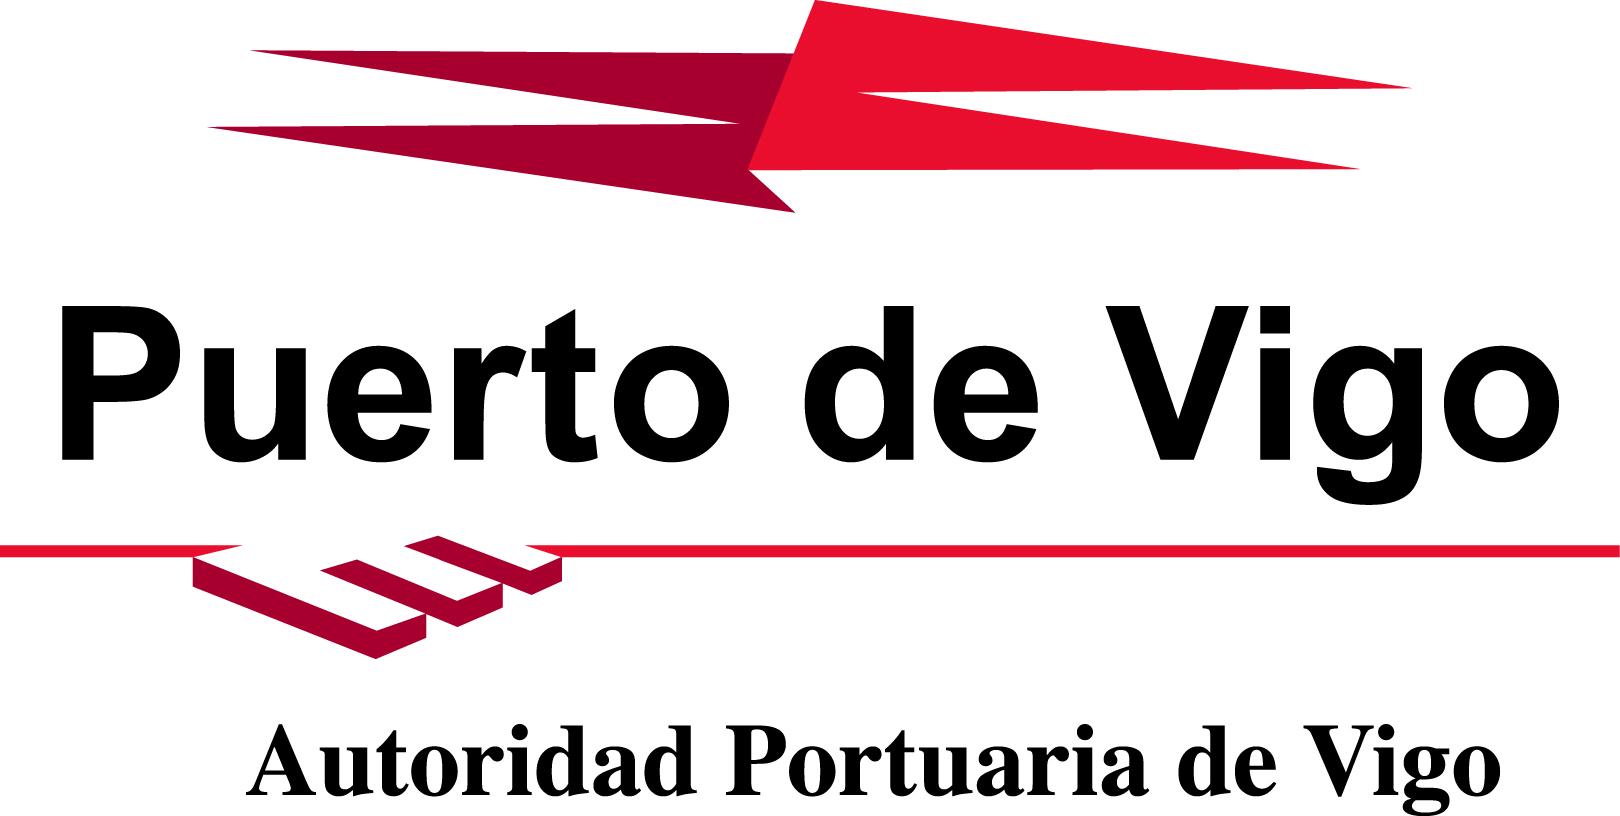 COMUNICADO OFICIAL AUTORIDAD PORTUARIA DE VIGO